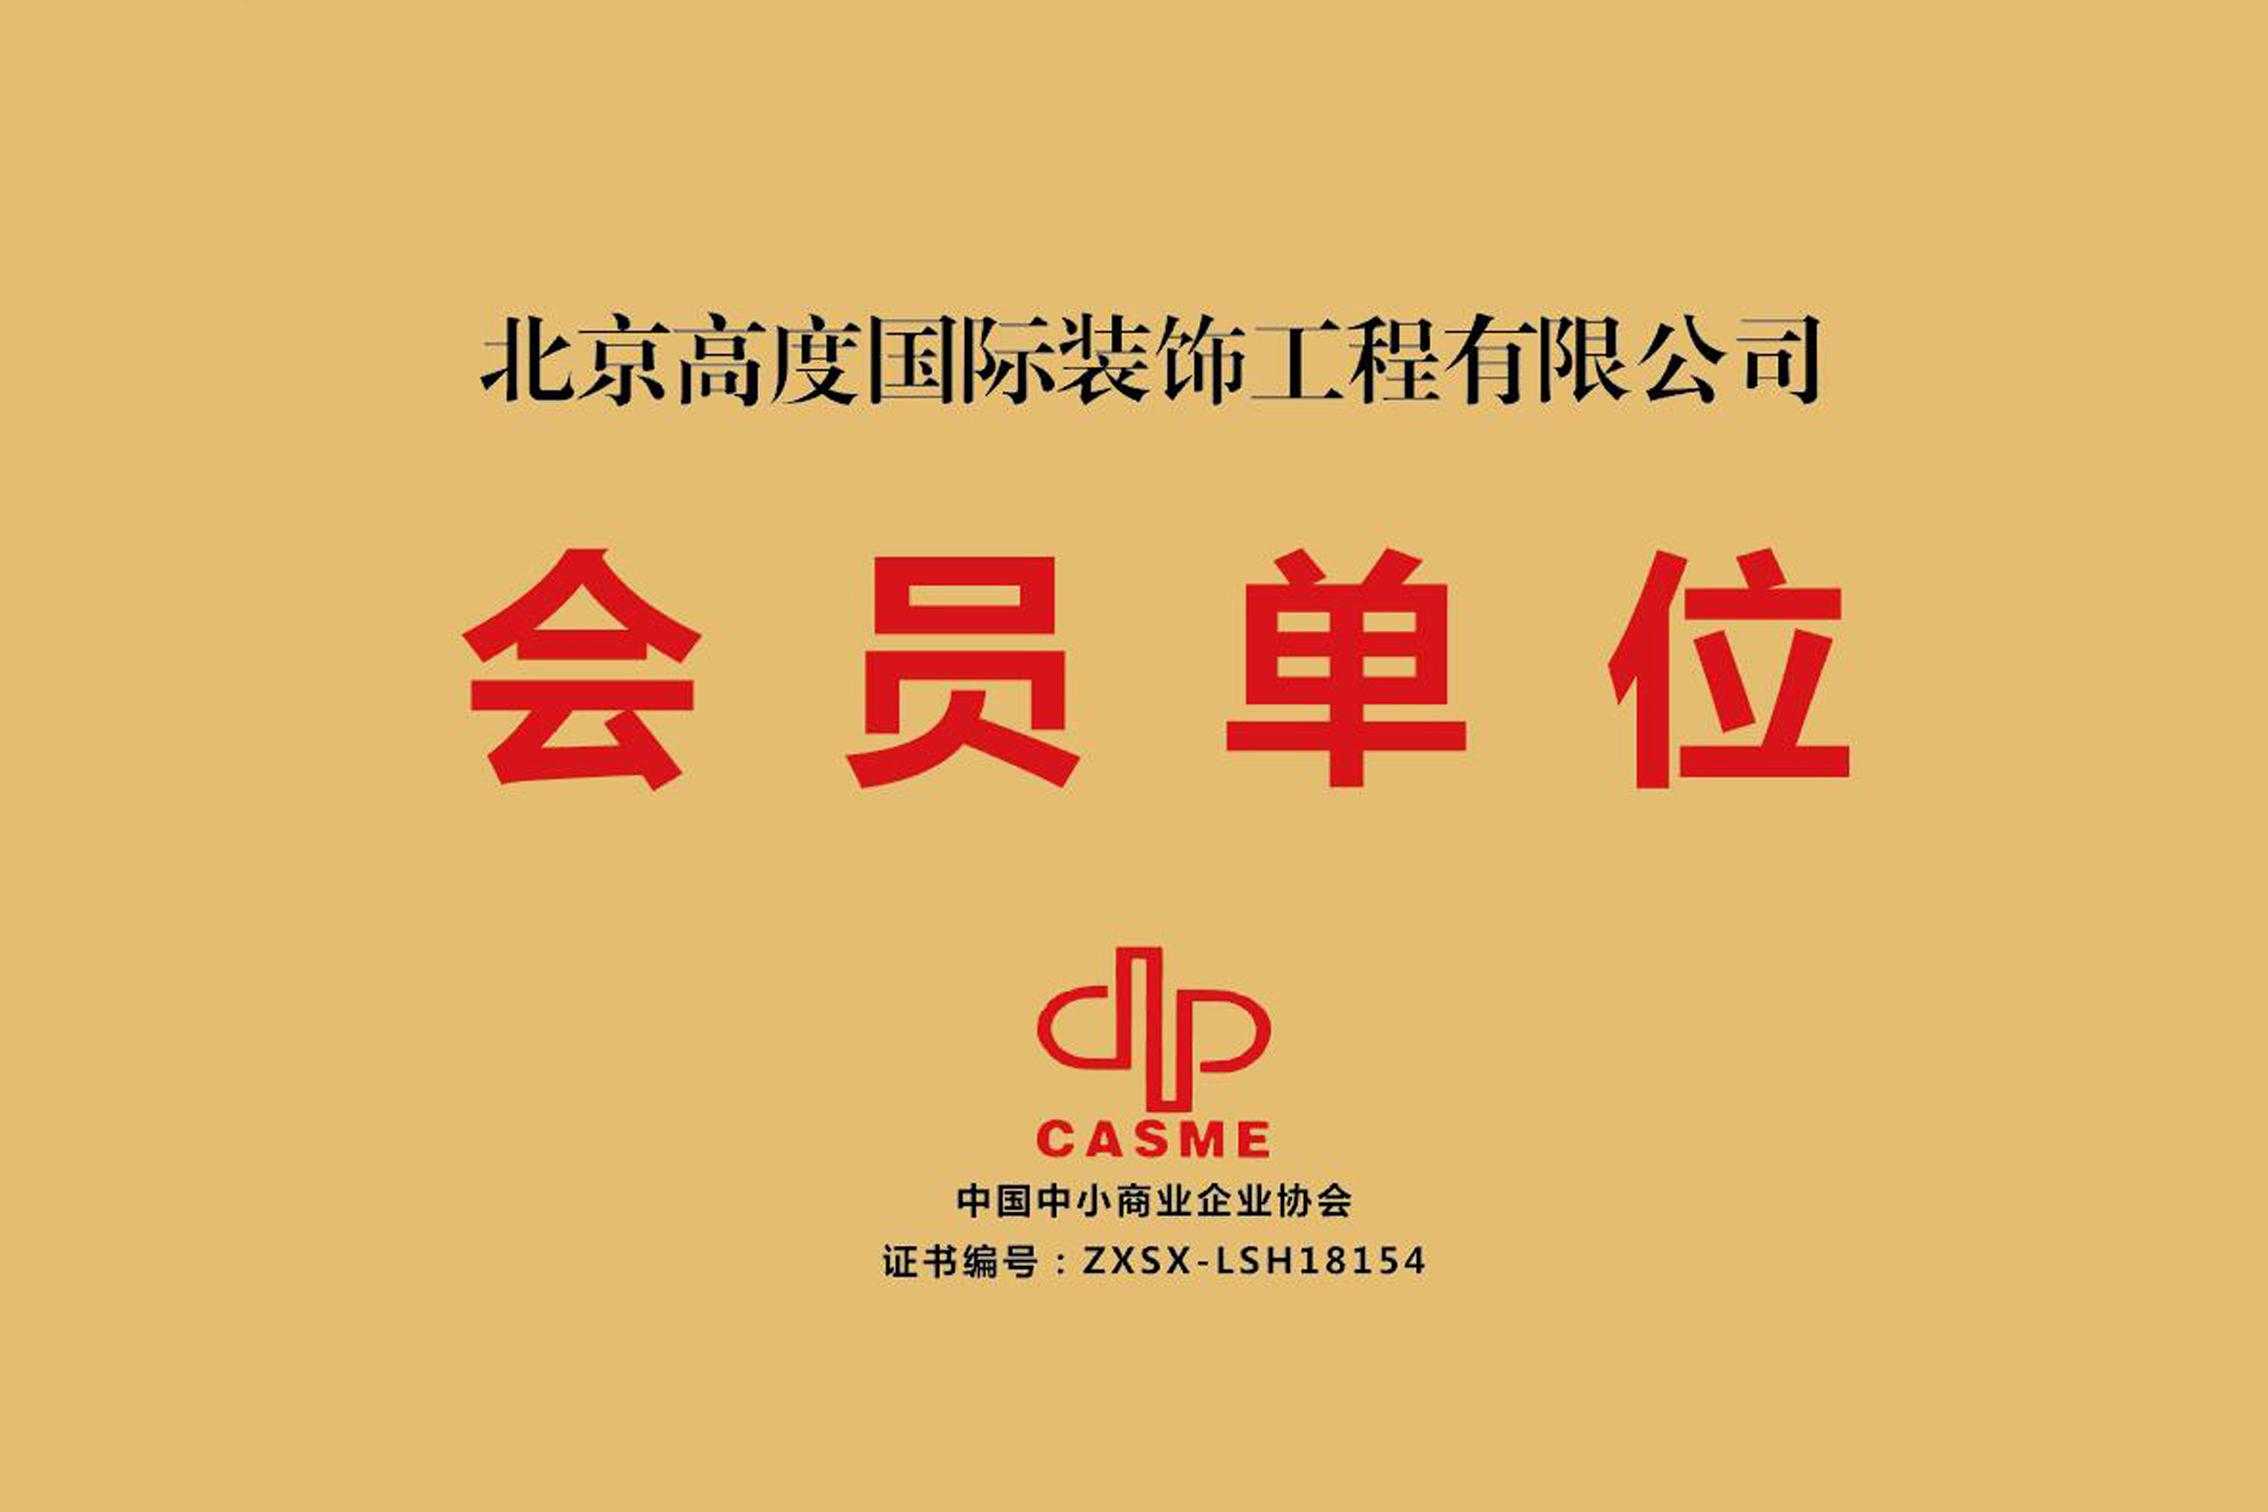 中国中小商业企业协会会员单位